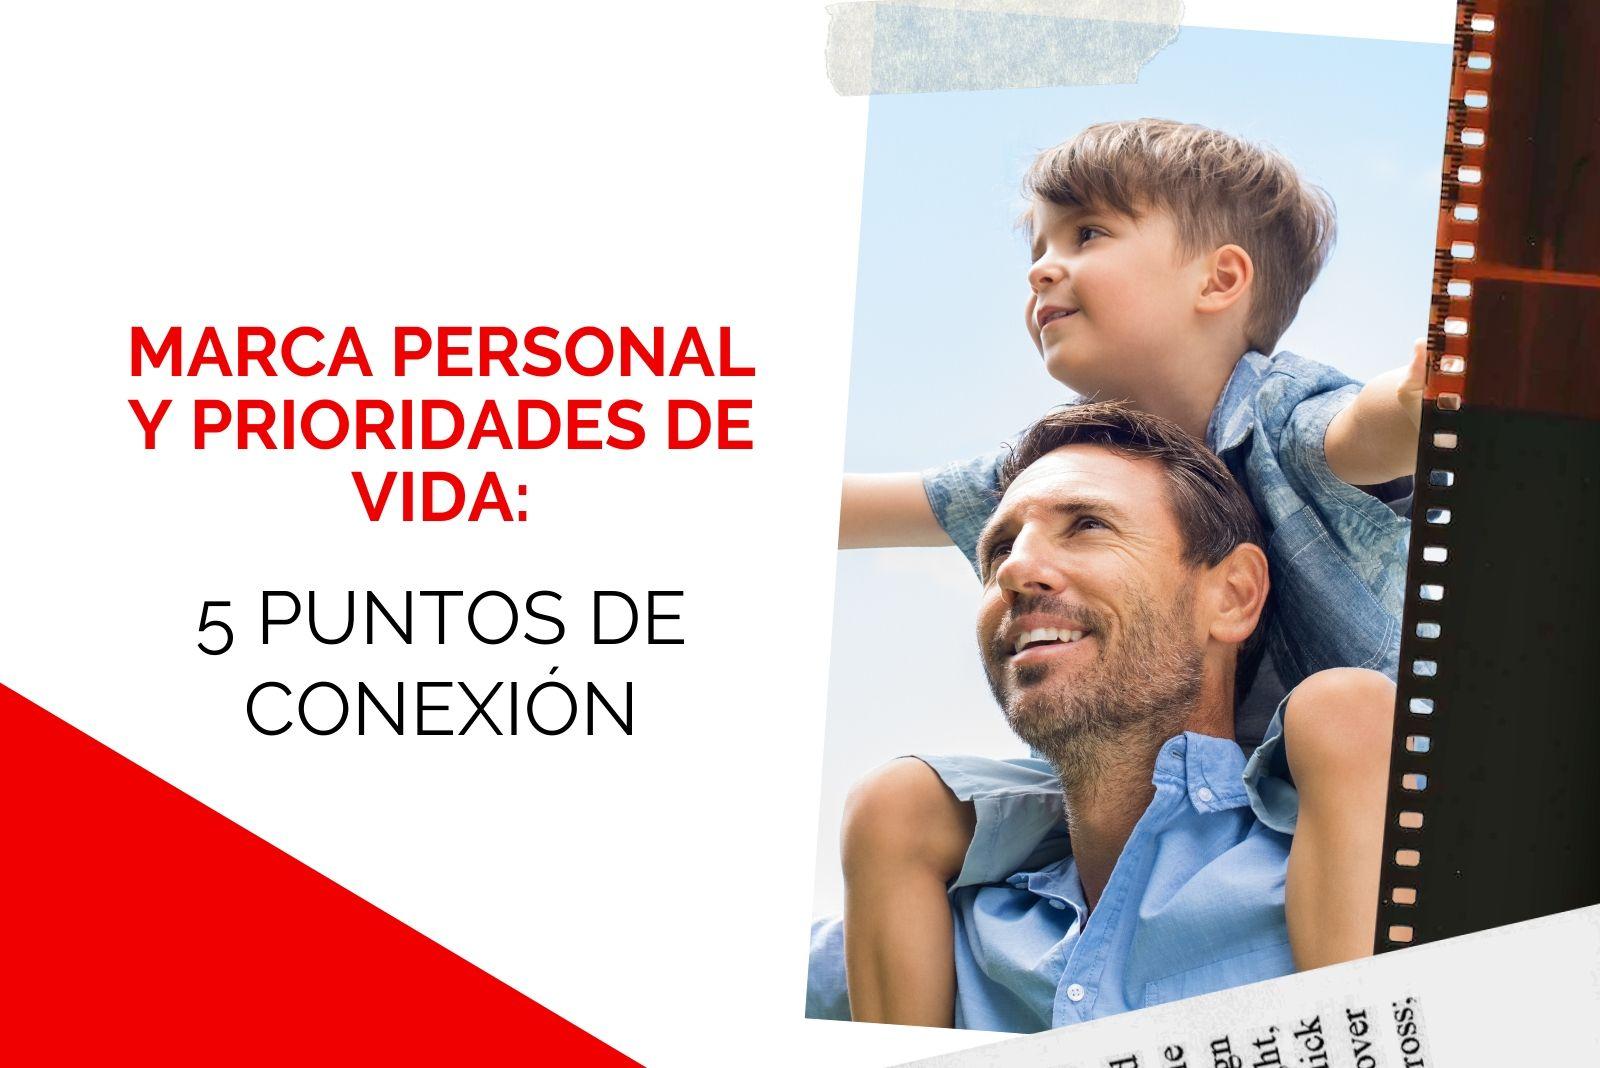 Hector Jimenez - Marca personal y Prioridades de vida blog - 01